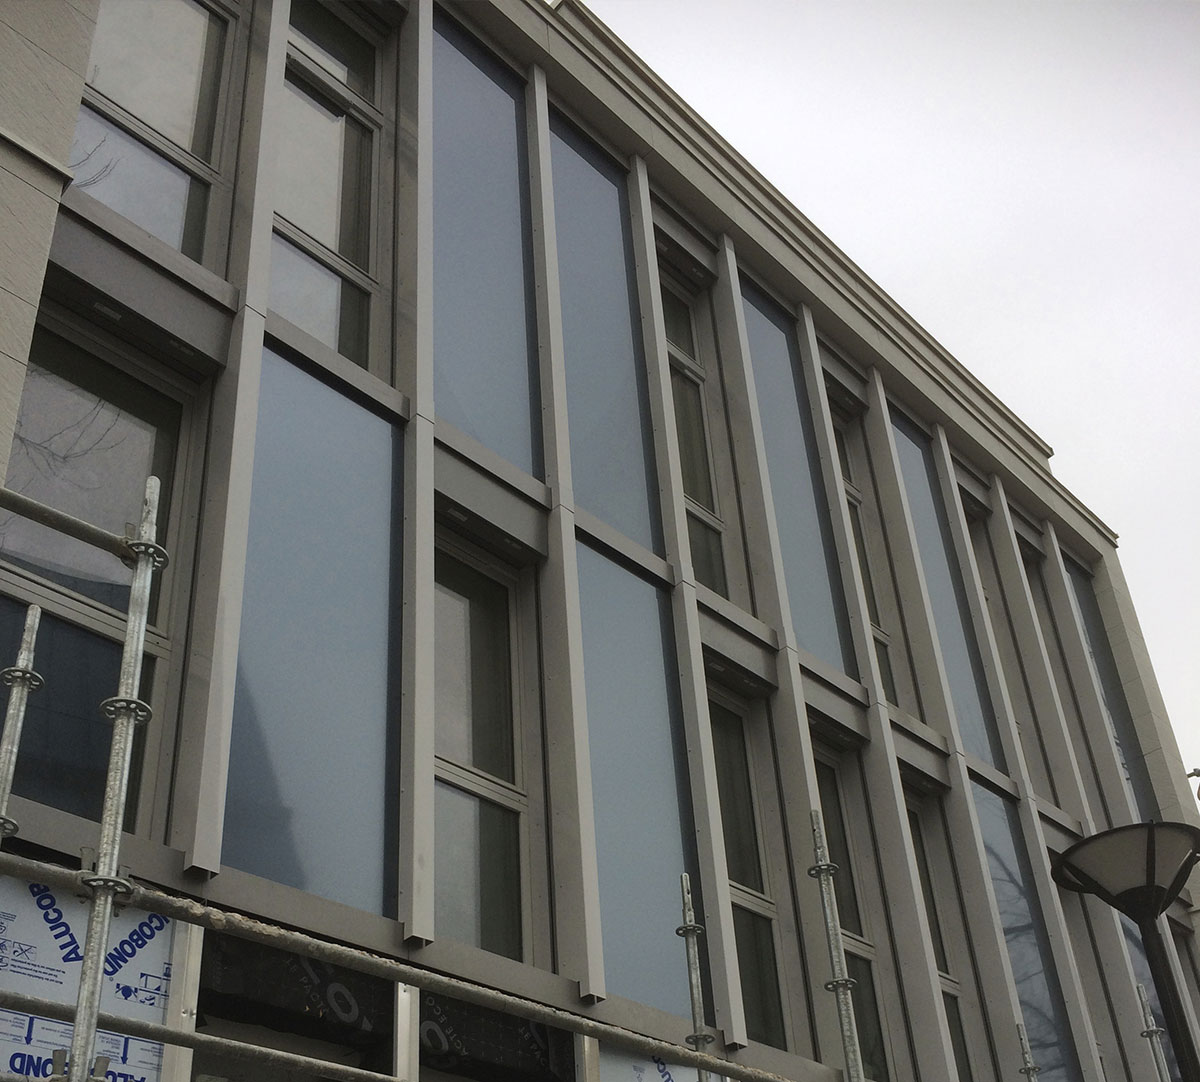 Réalisation Encadrement de fenêtres / Habillage verticaux : image 3